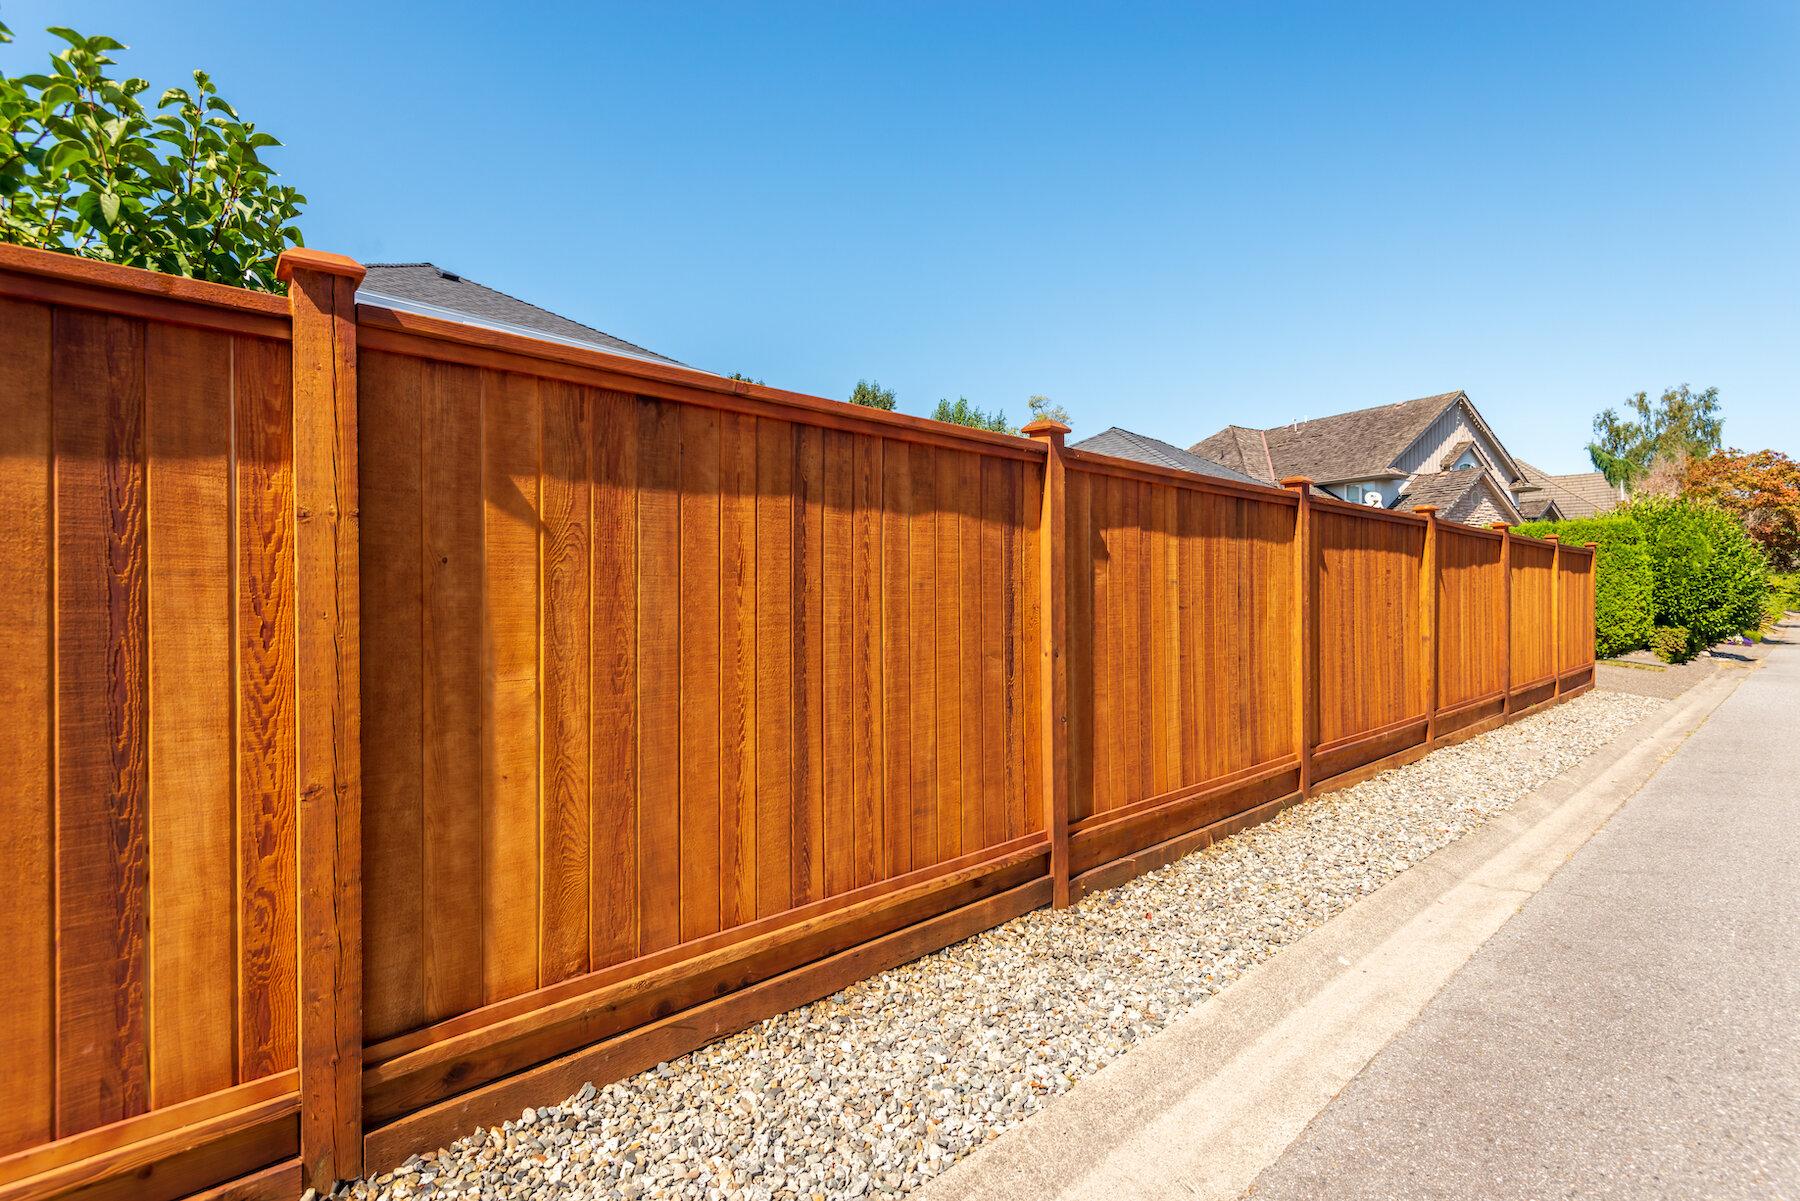 木栅栏3.jpg